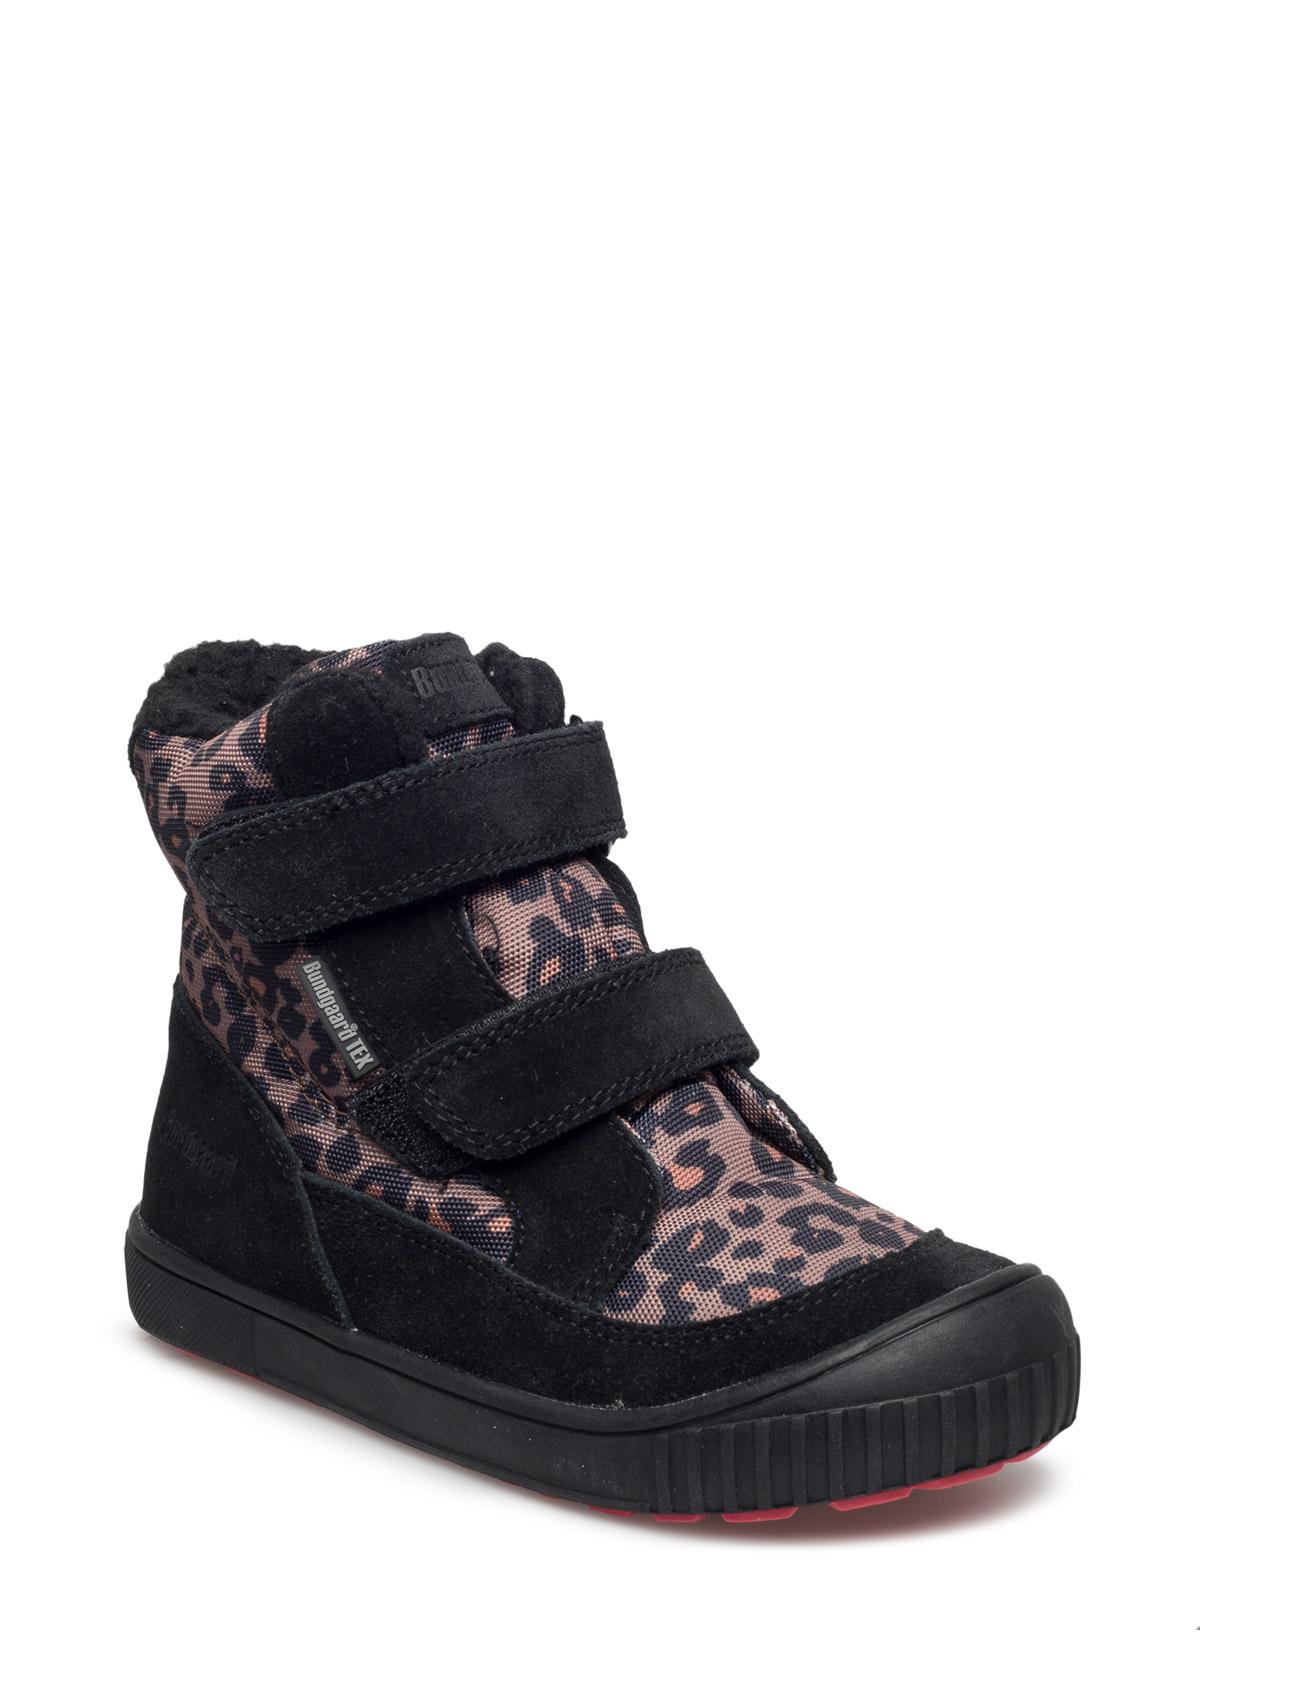 22984c8d6c8 Køb Suff Bundgaard Sko i Leopard til Piger på internettet